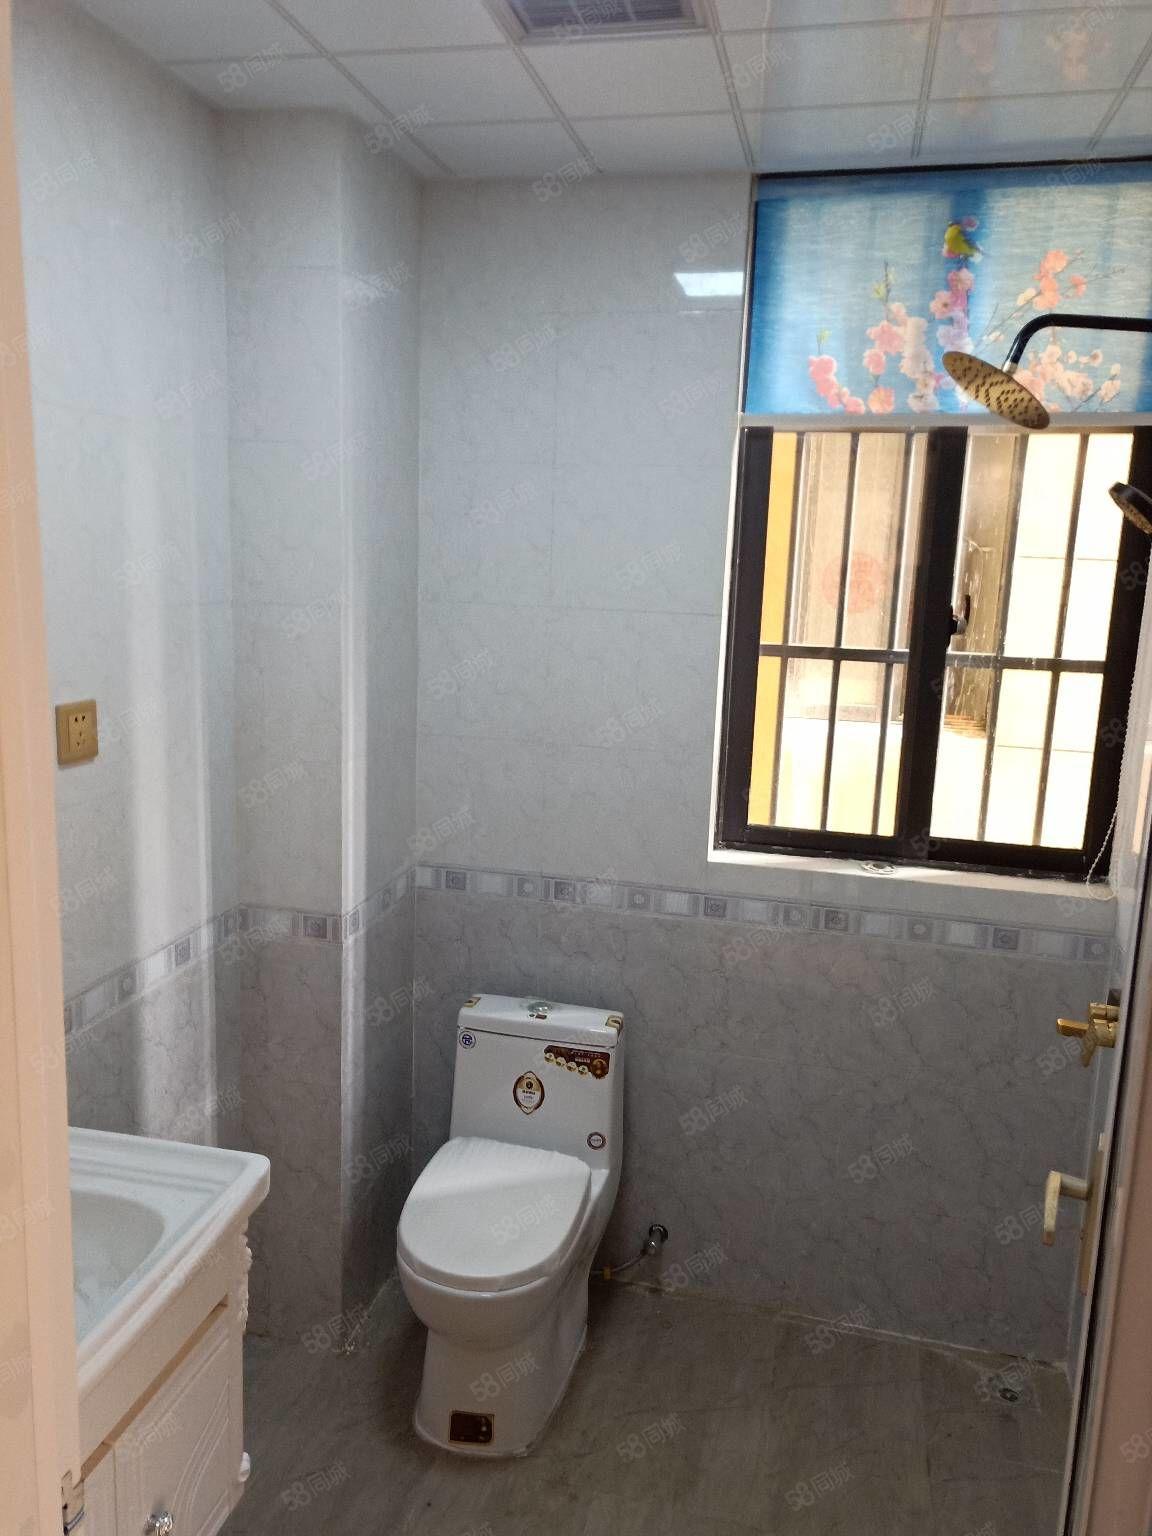 尚东国际安置房三室一厅电梯房。